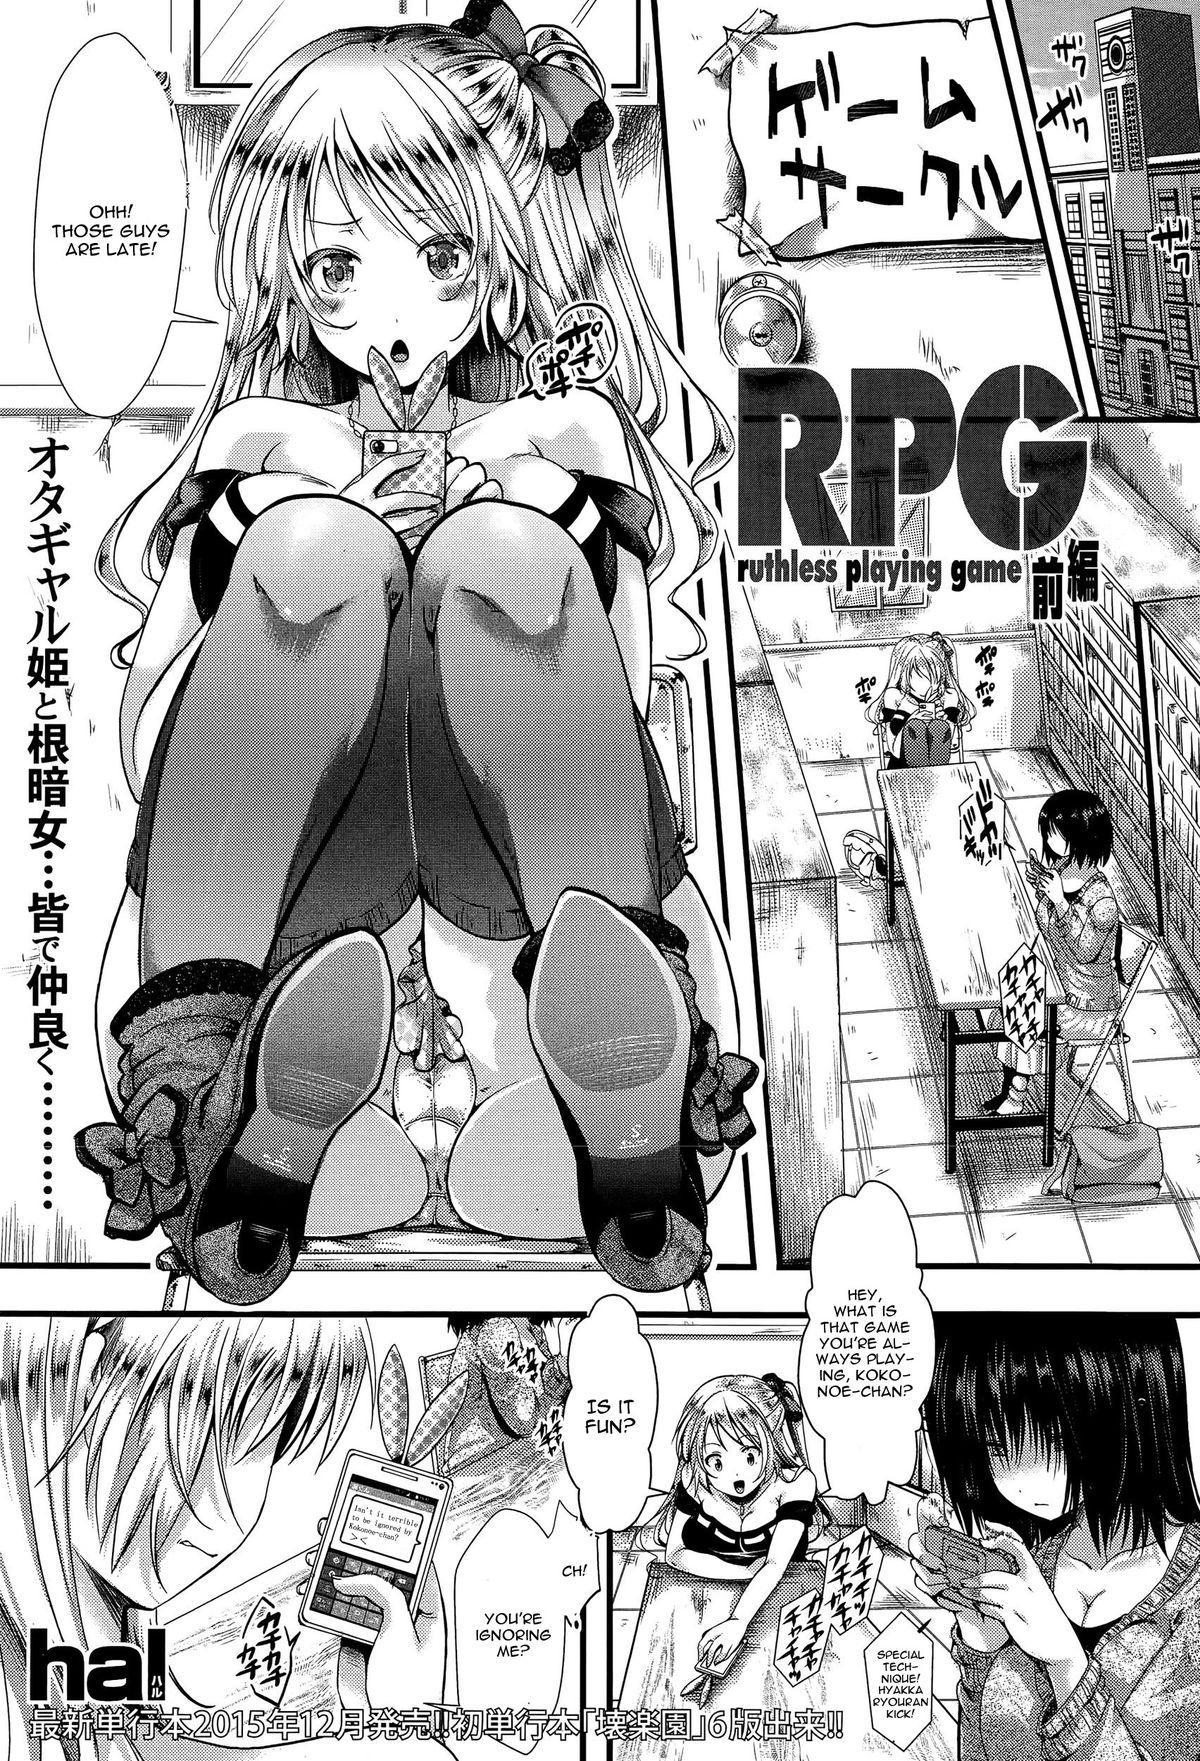 [hal] RPG -ruthless playing game- Zenpen (COMIC Shingeki 2015-10) [English] [CGrascal] 0